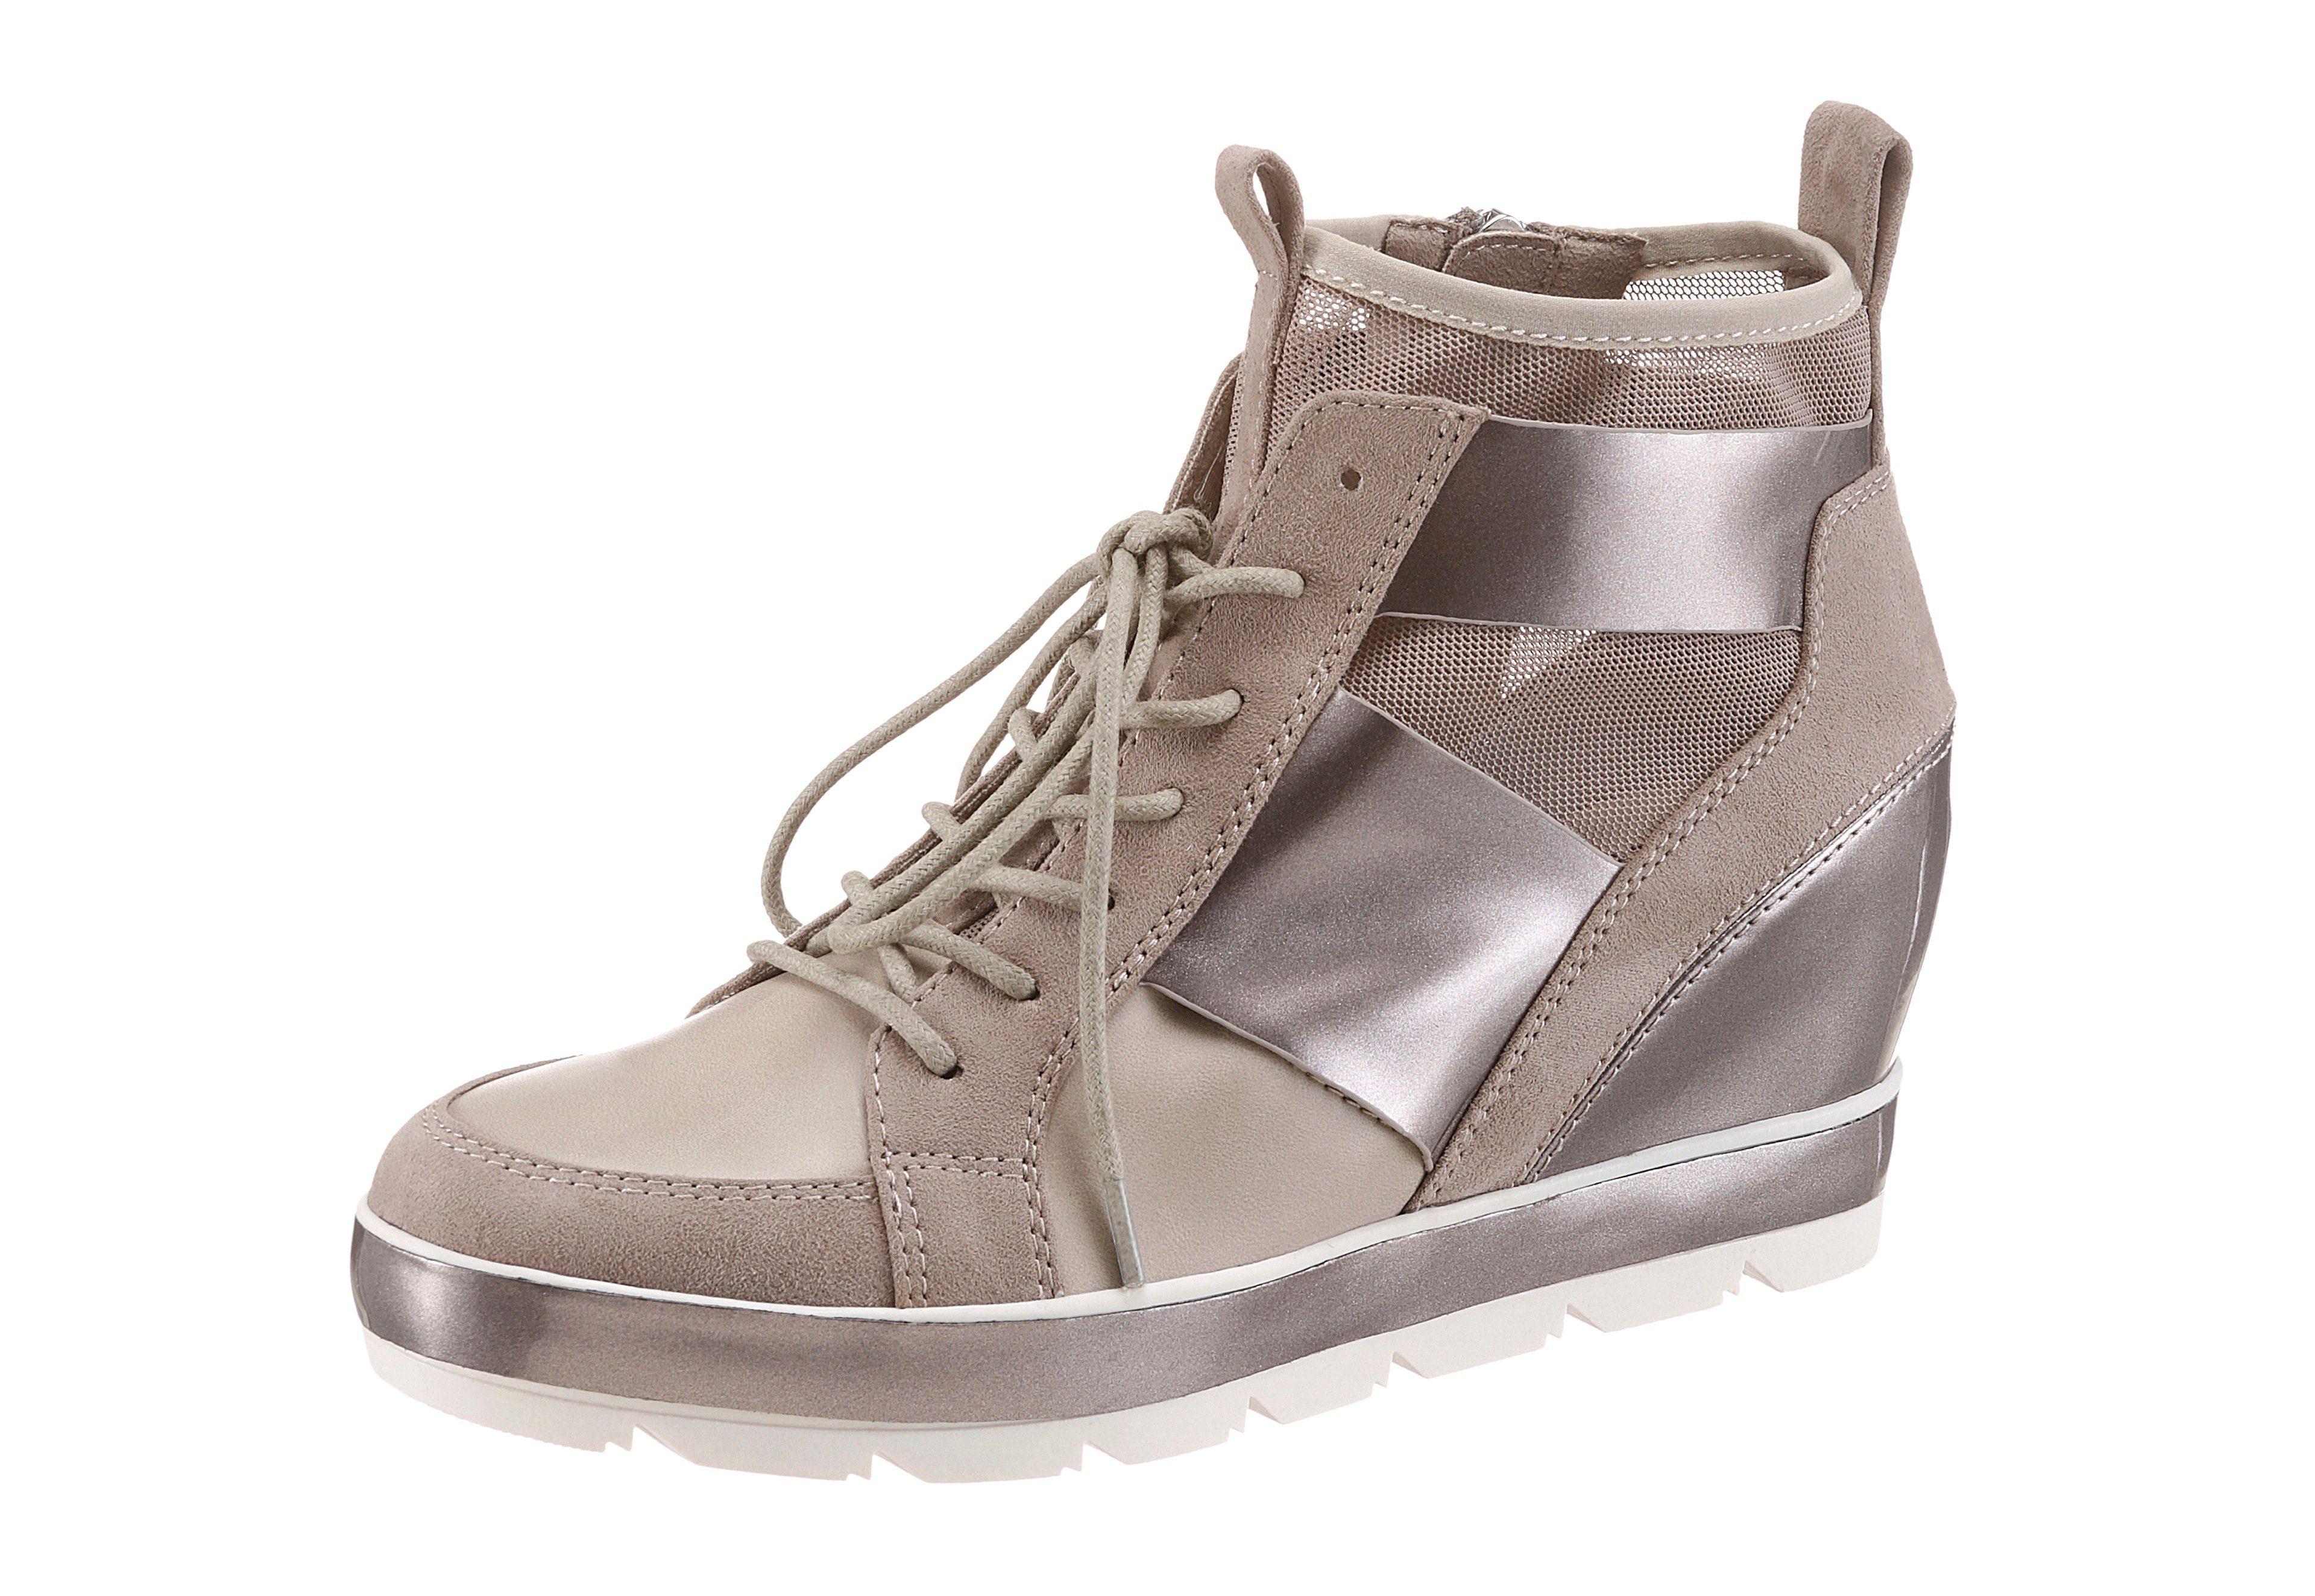 Chaussures Tamaris À Talons Compensés Pour Les Femmes 78x49